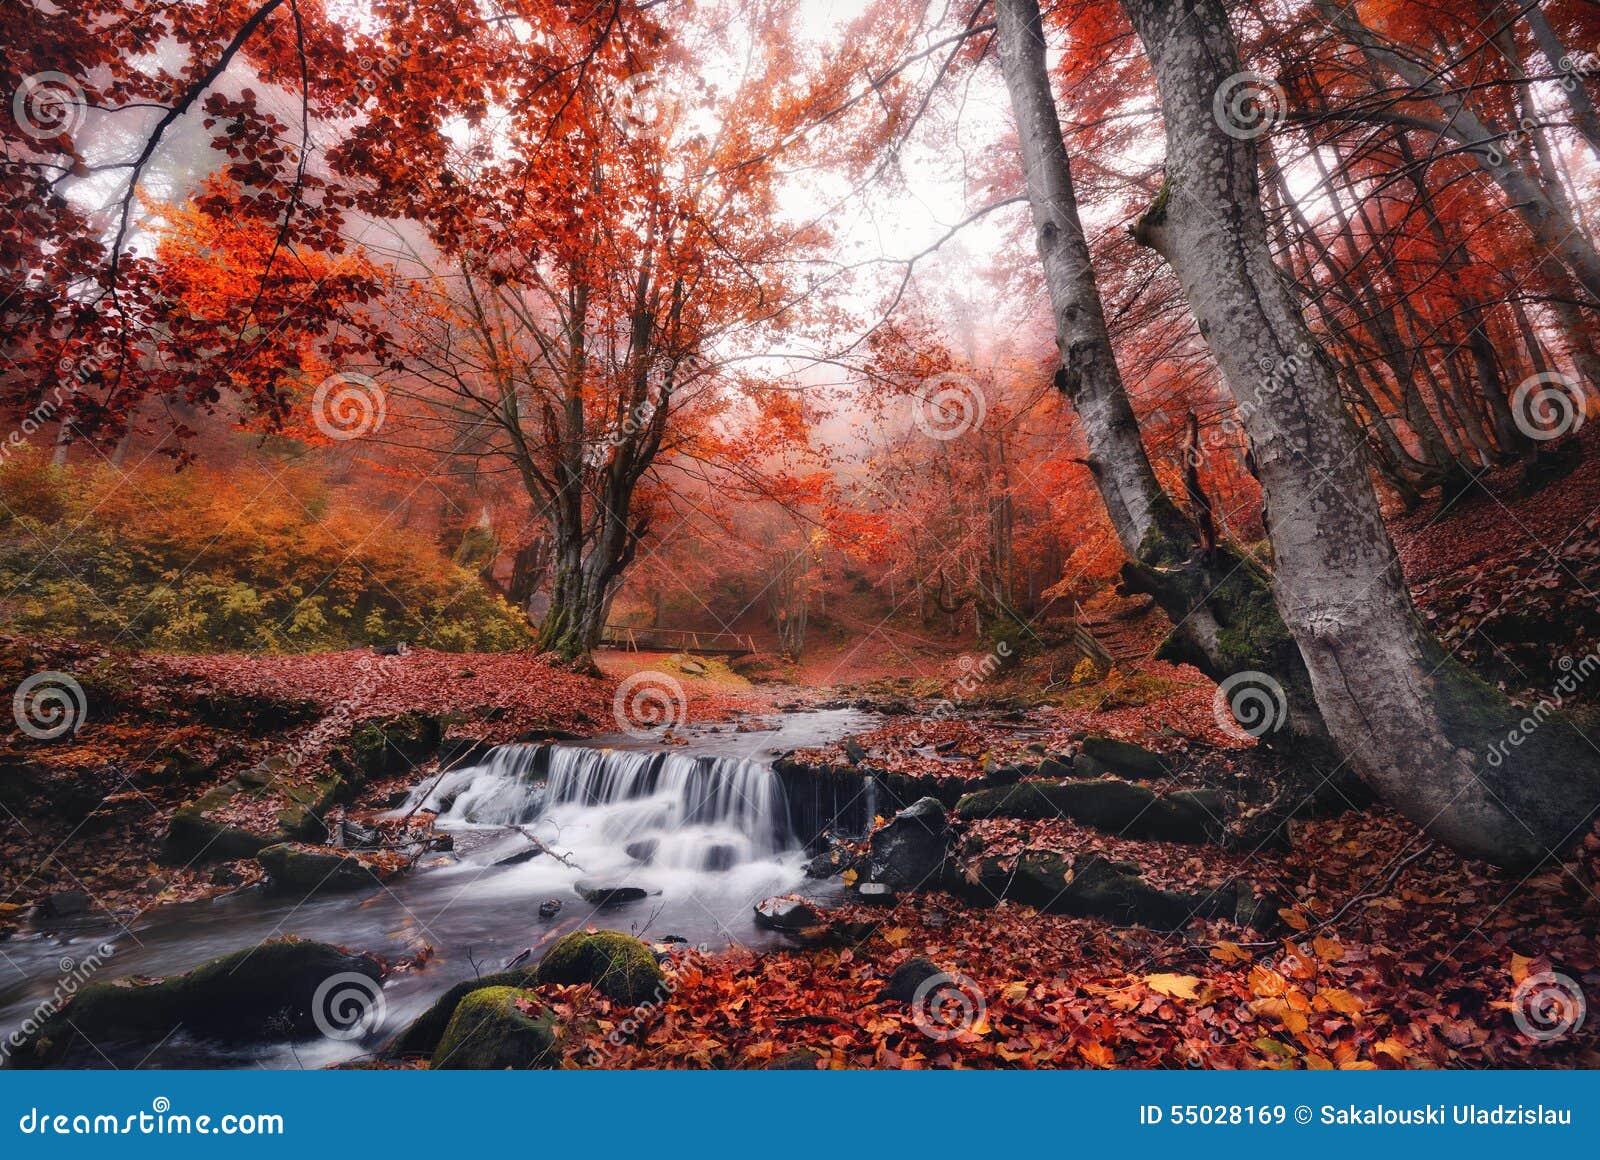 Un petit courant de montagne, entouré par la forêt brumeuse avec un bon nombre de lettres des feuilles tombées